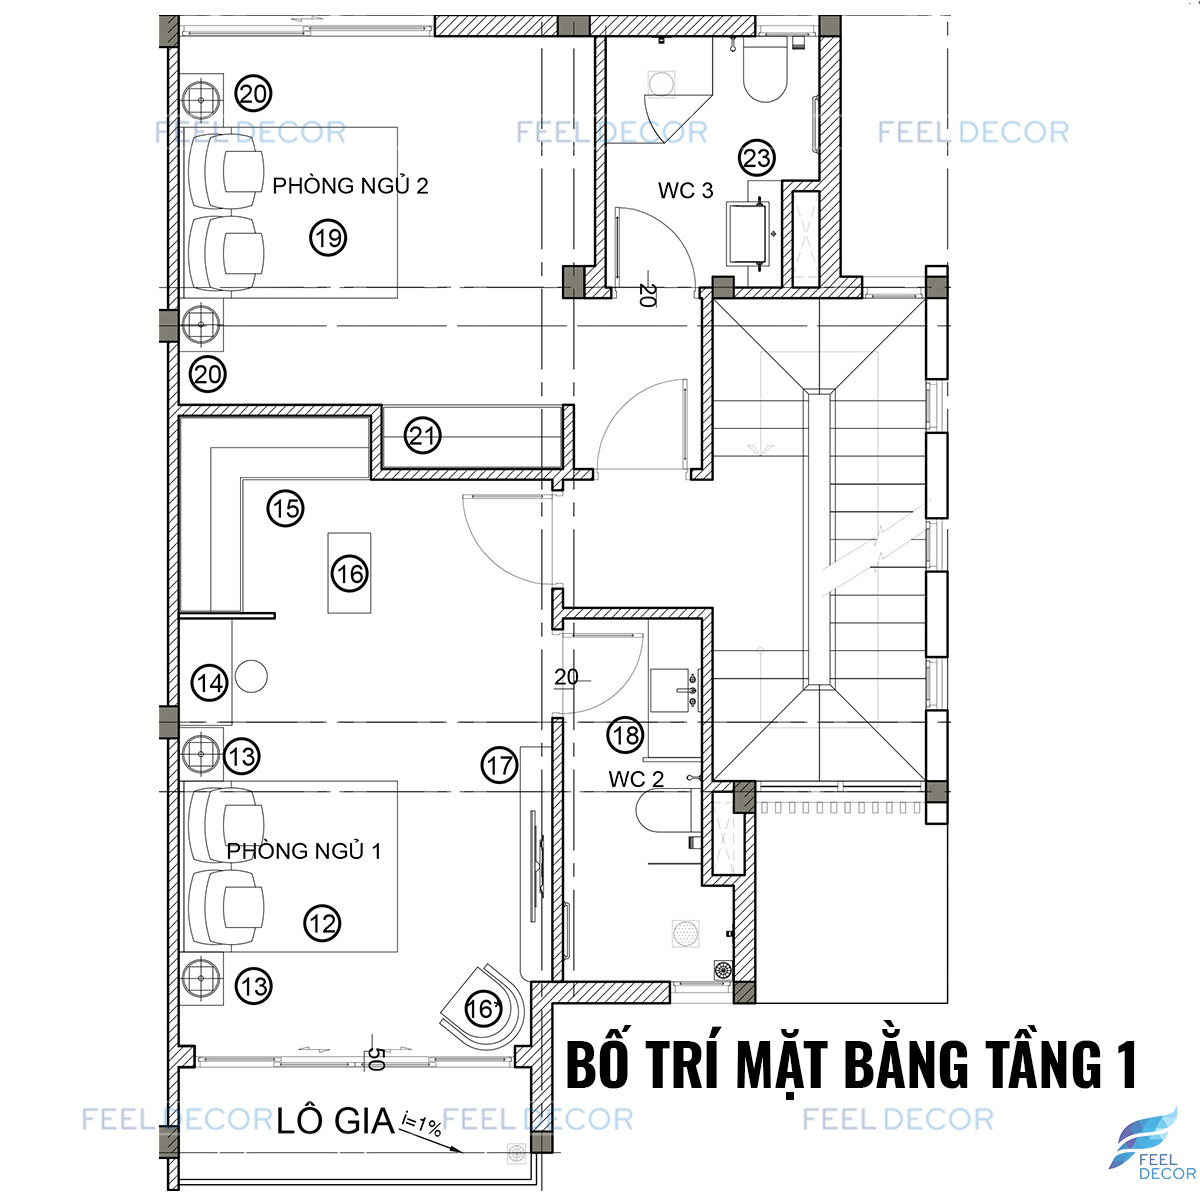 Mặt bằng nội thất nhà phố Quận 9 tầng 1